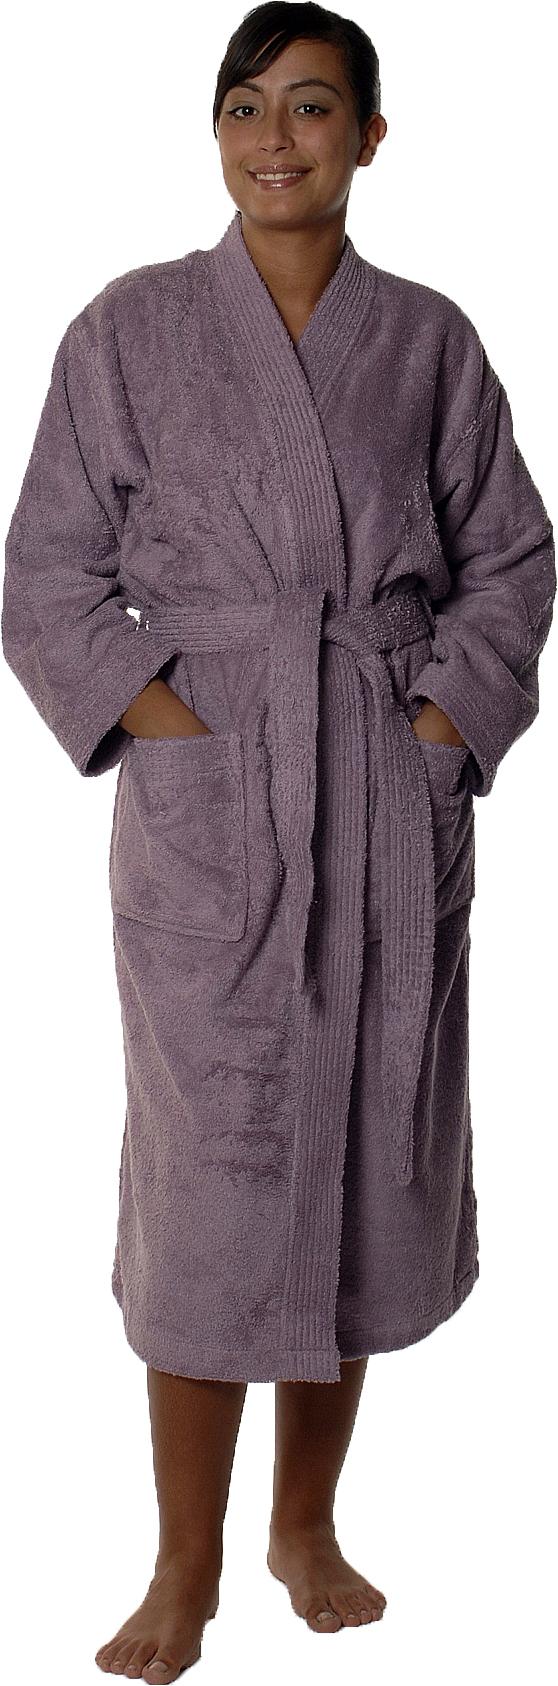 Peignoir col kimono en Coton couleur Mûre Taille M (Mûre)